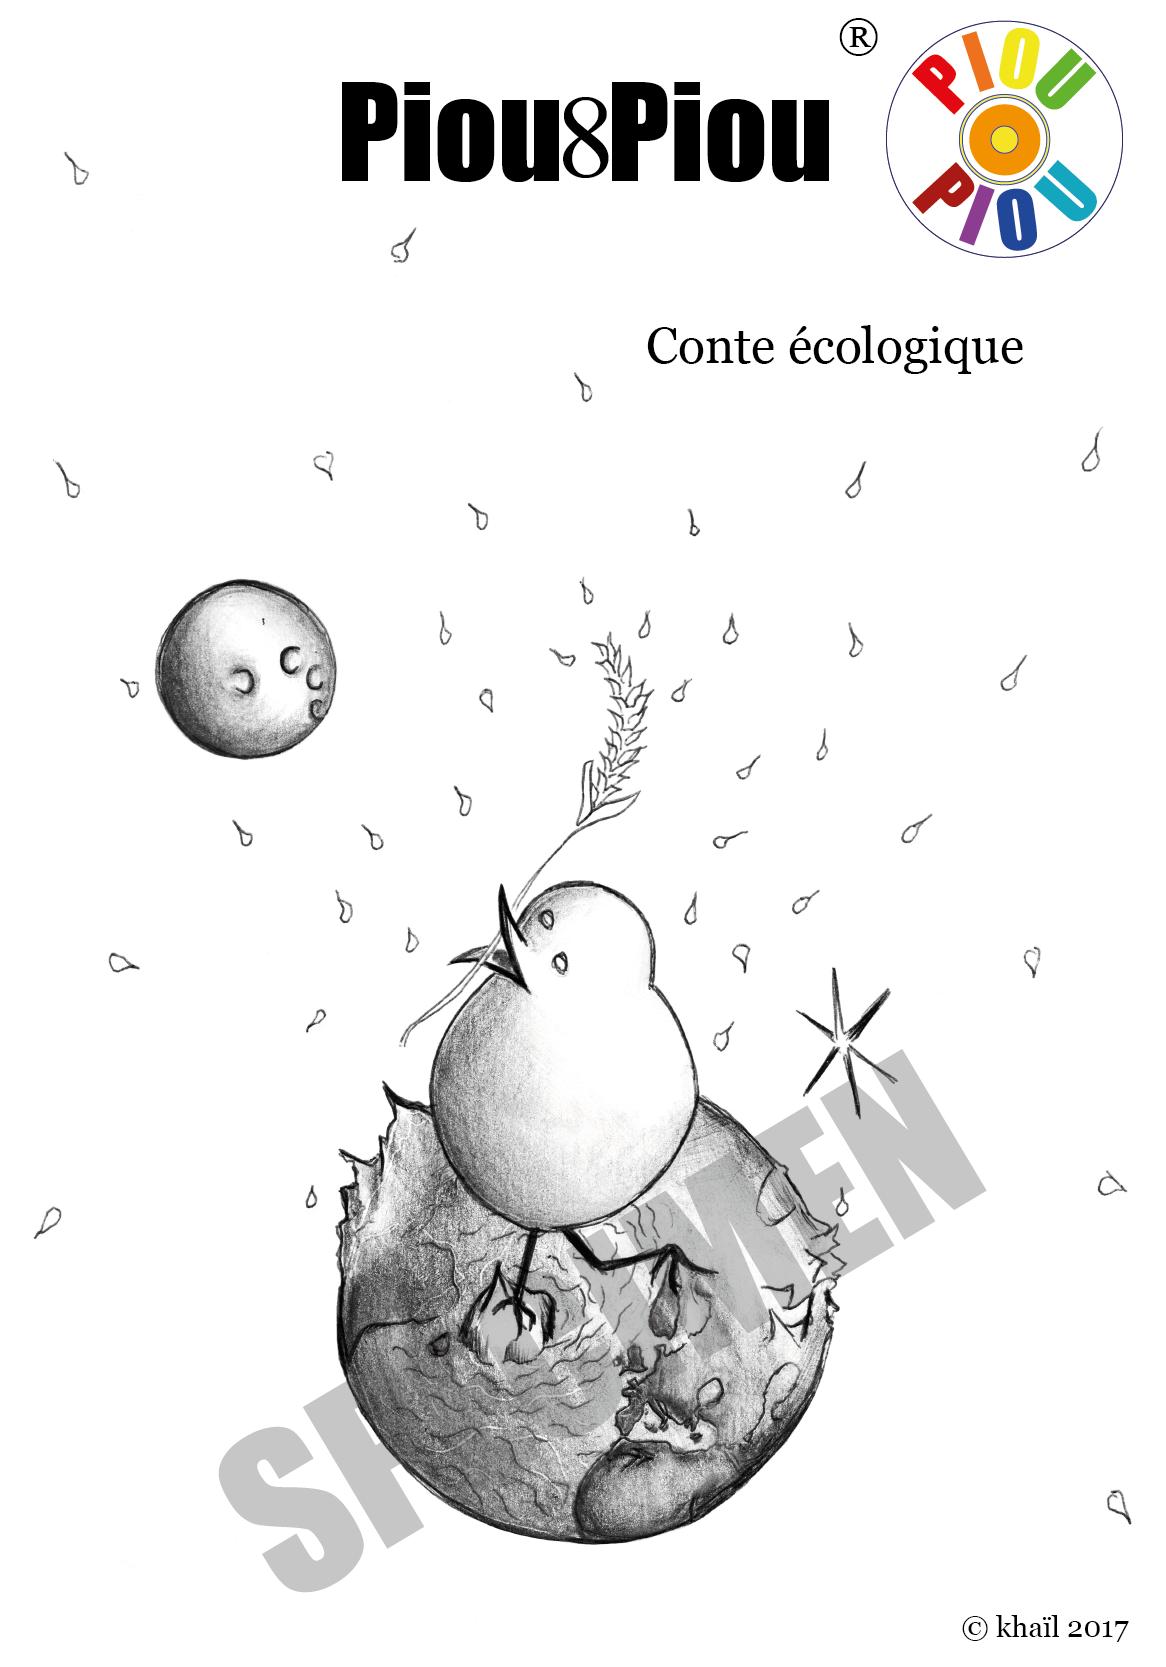 PIOU8PIOU conte écologique